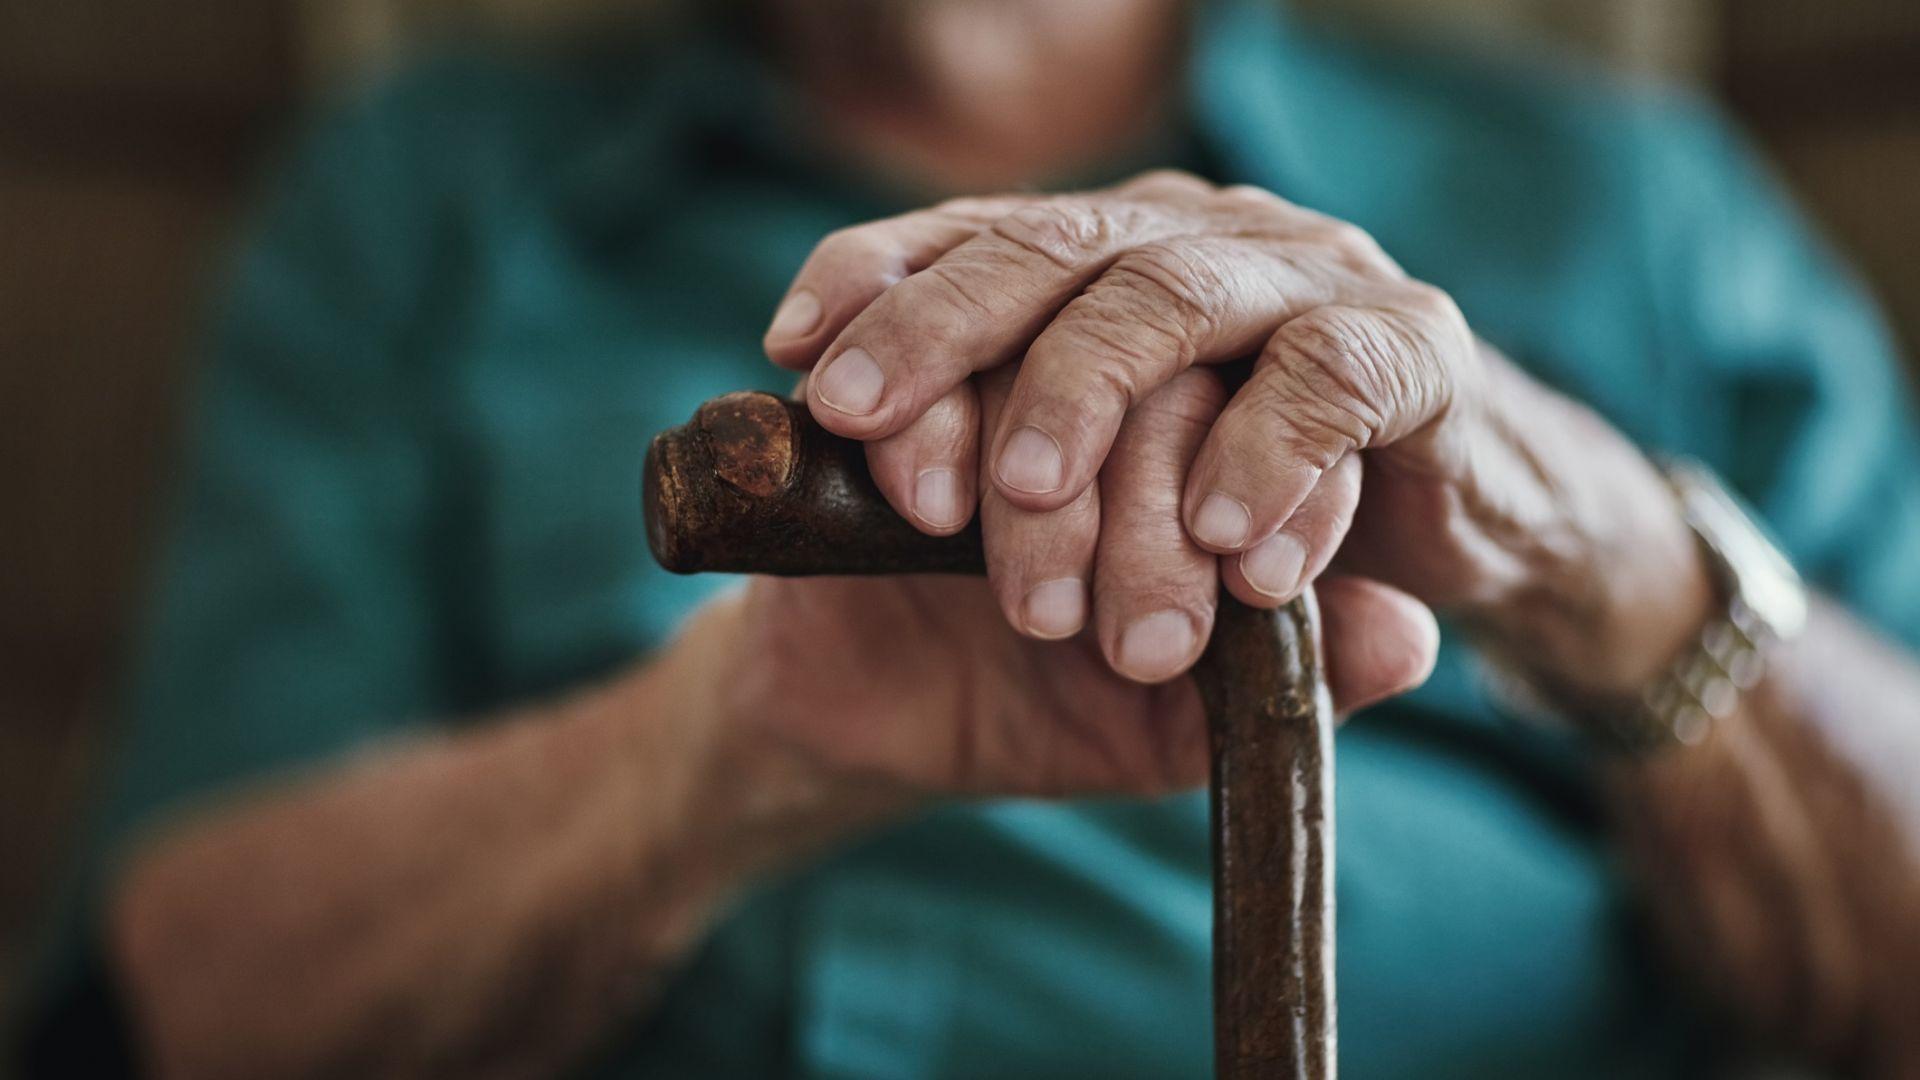 Снимка: Хванаха измамница, обещала тазобедрена става на пенсионер